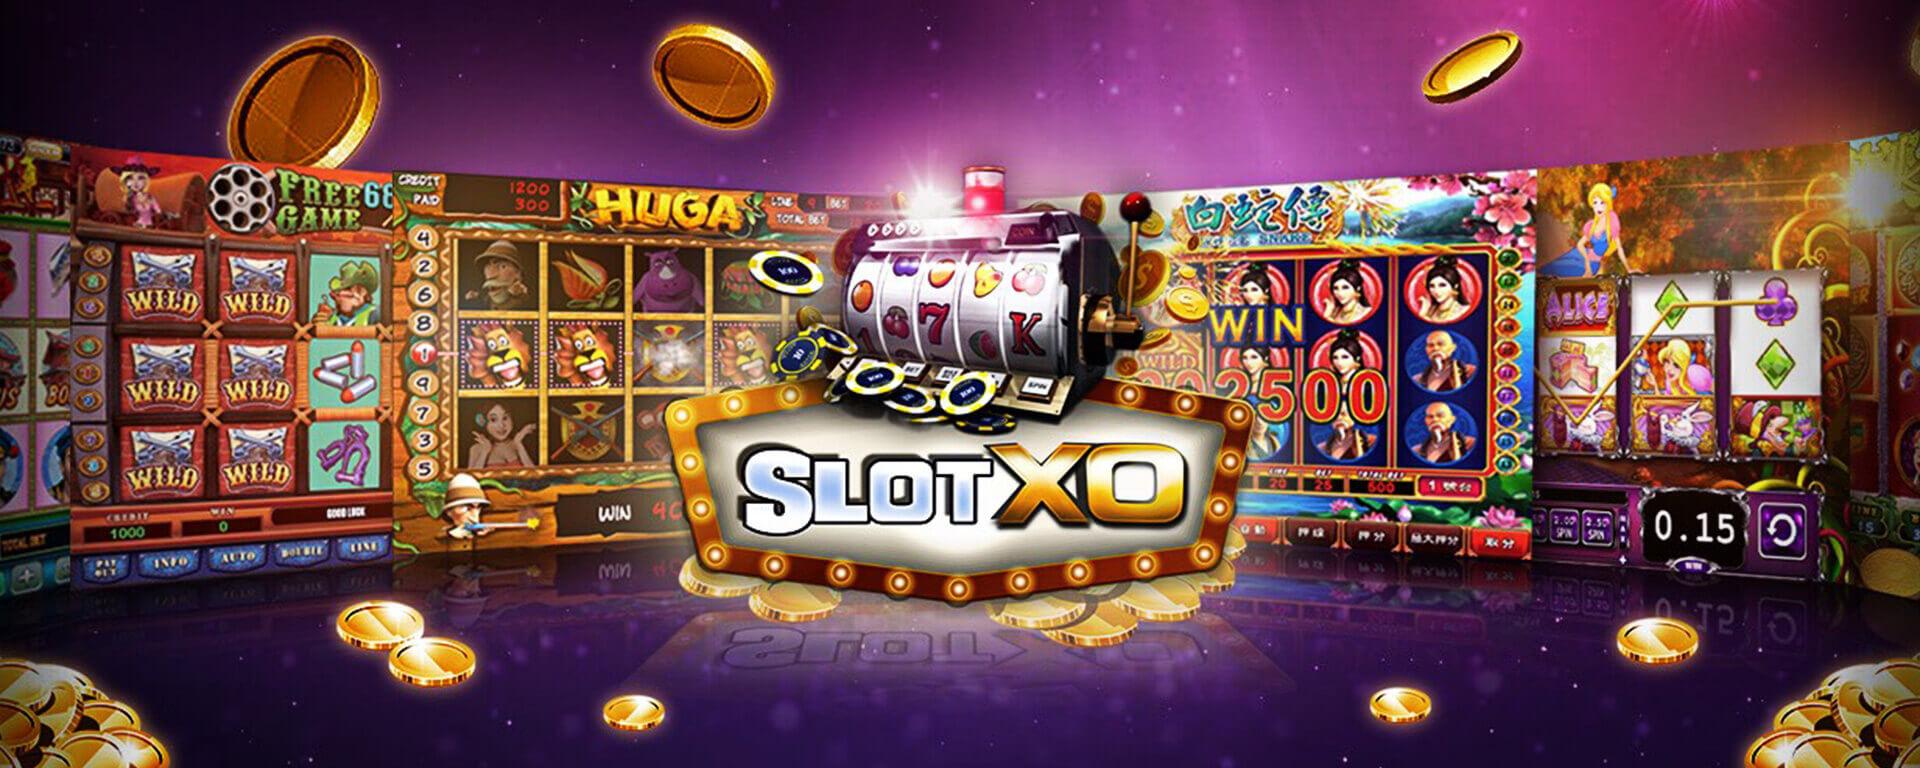 สล็อตxo-ทางเข้า-slotxo-slot-xovip